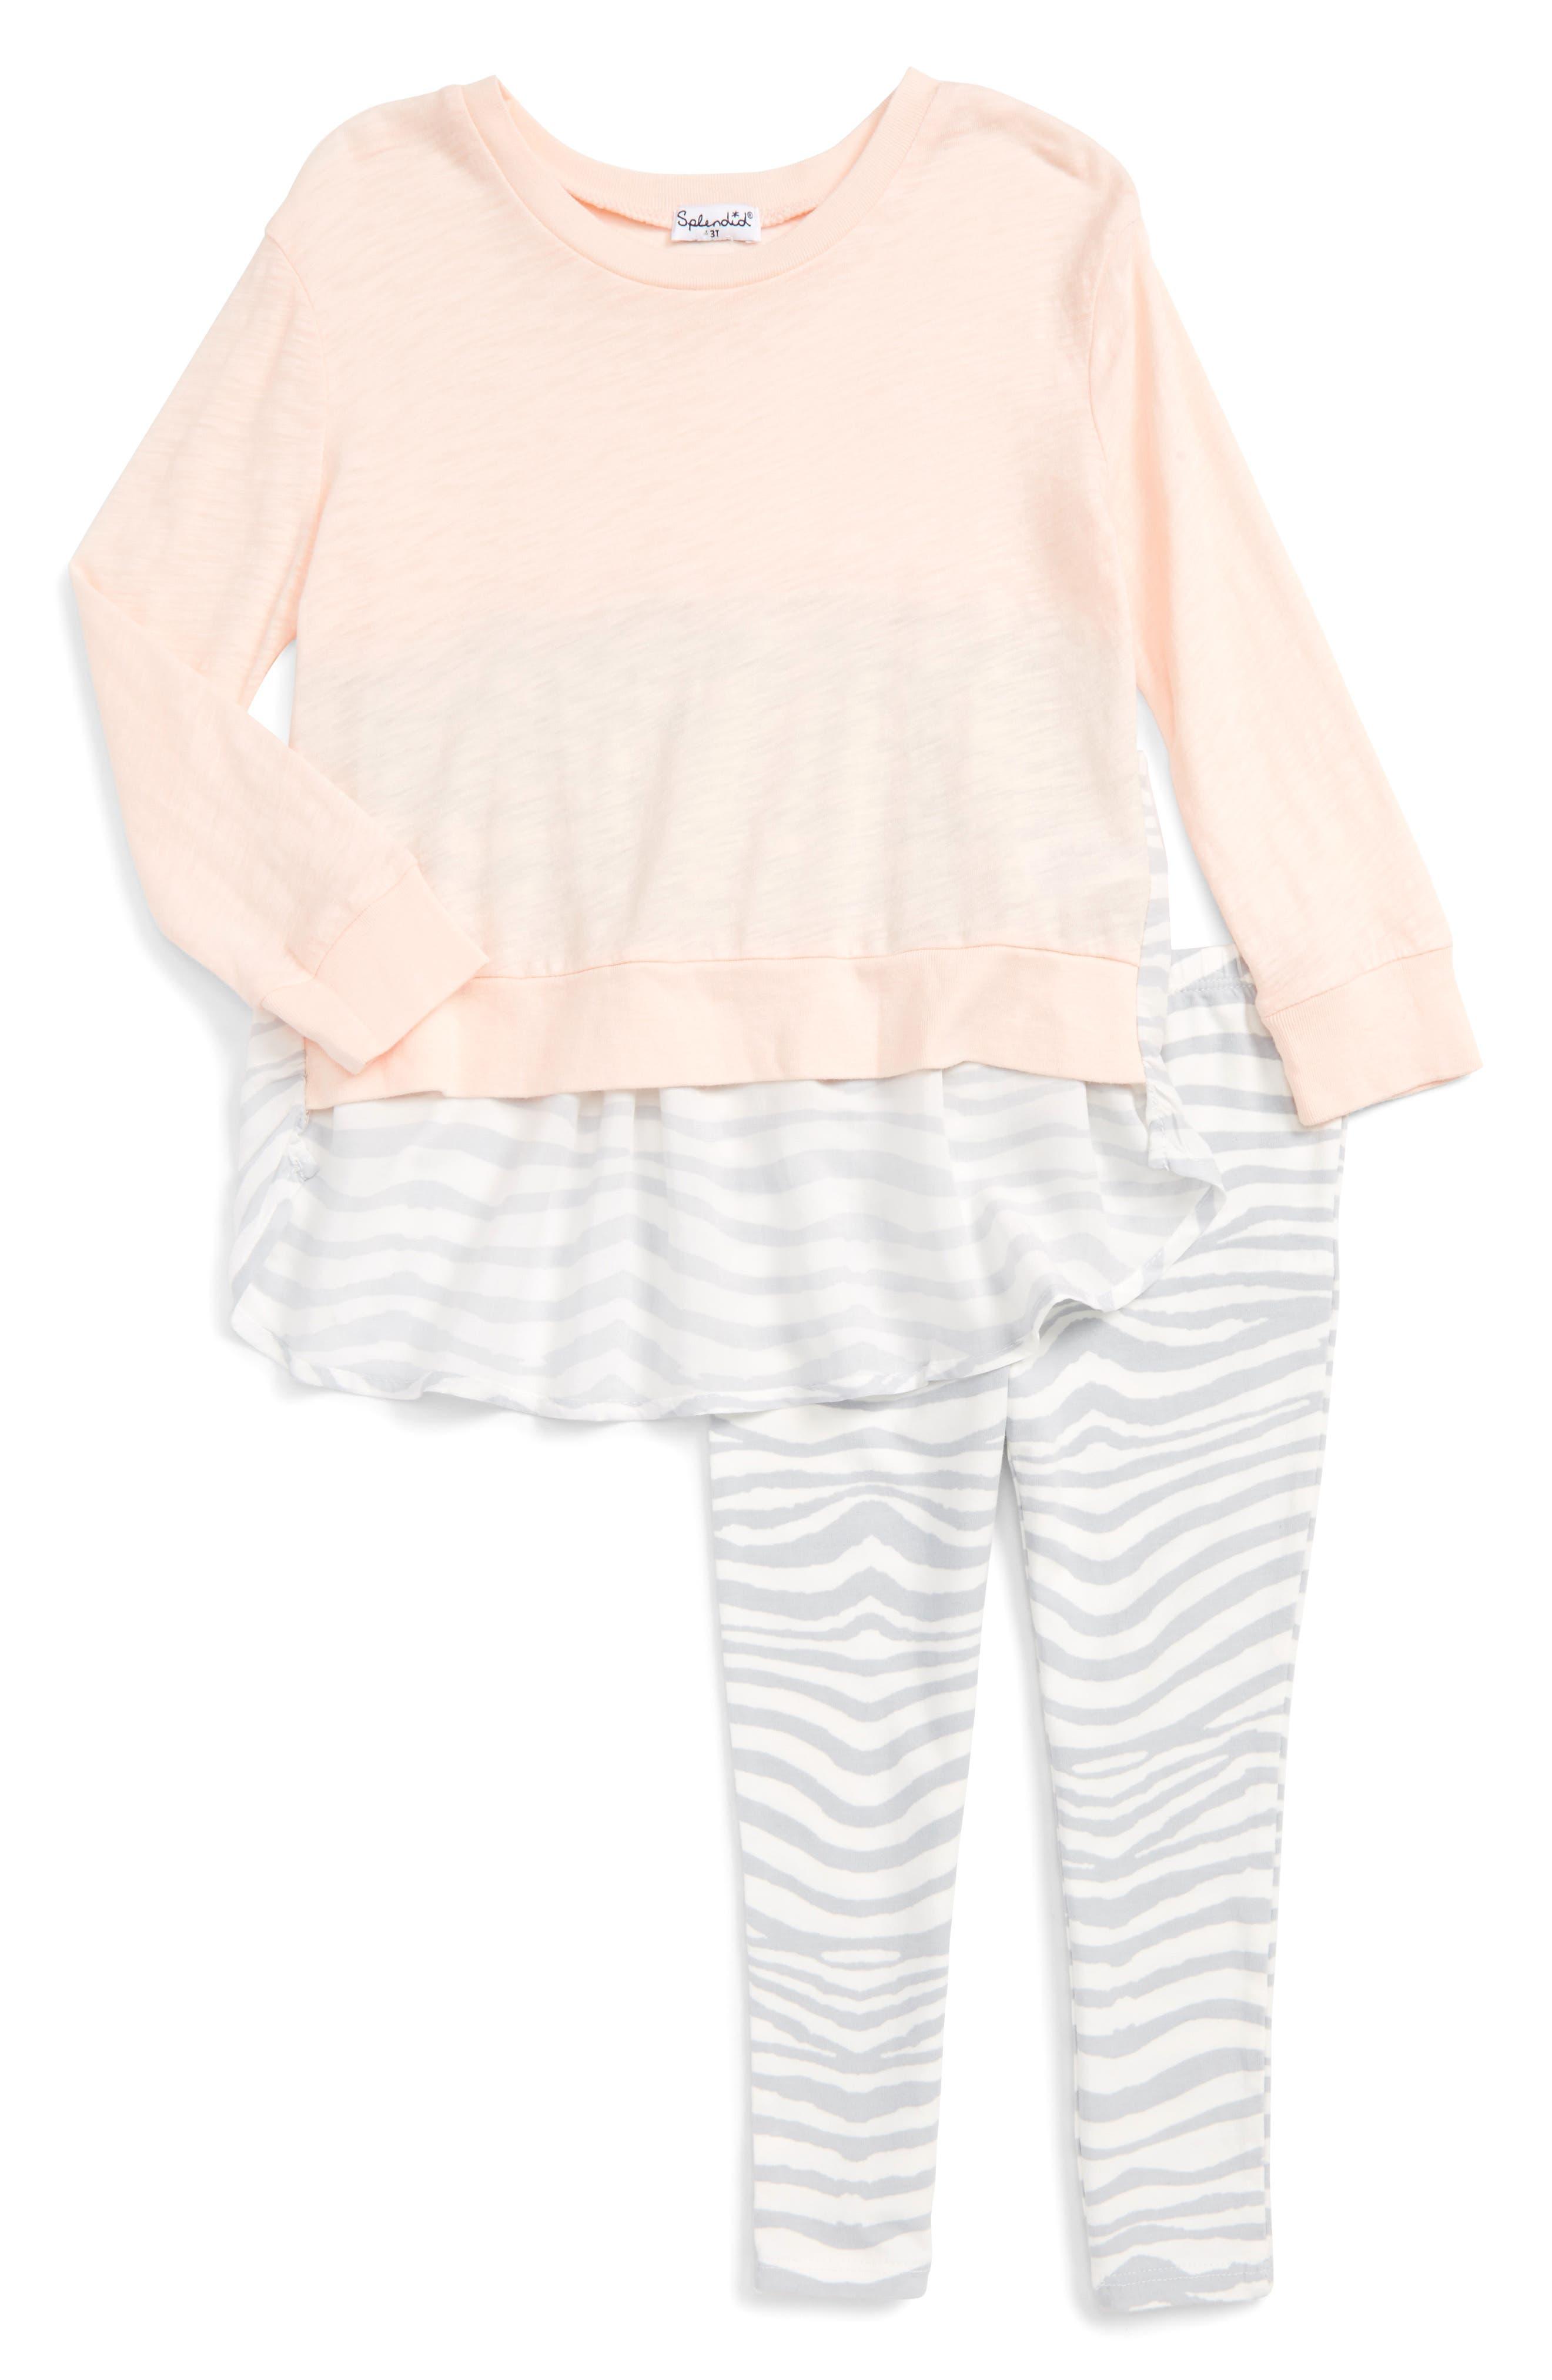 Splendid Tee & Zebra Print Leggings Set (Baby Girls)